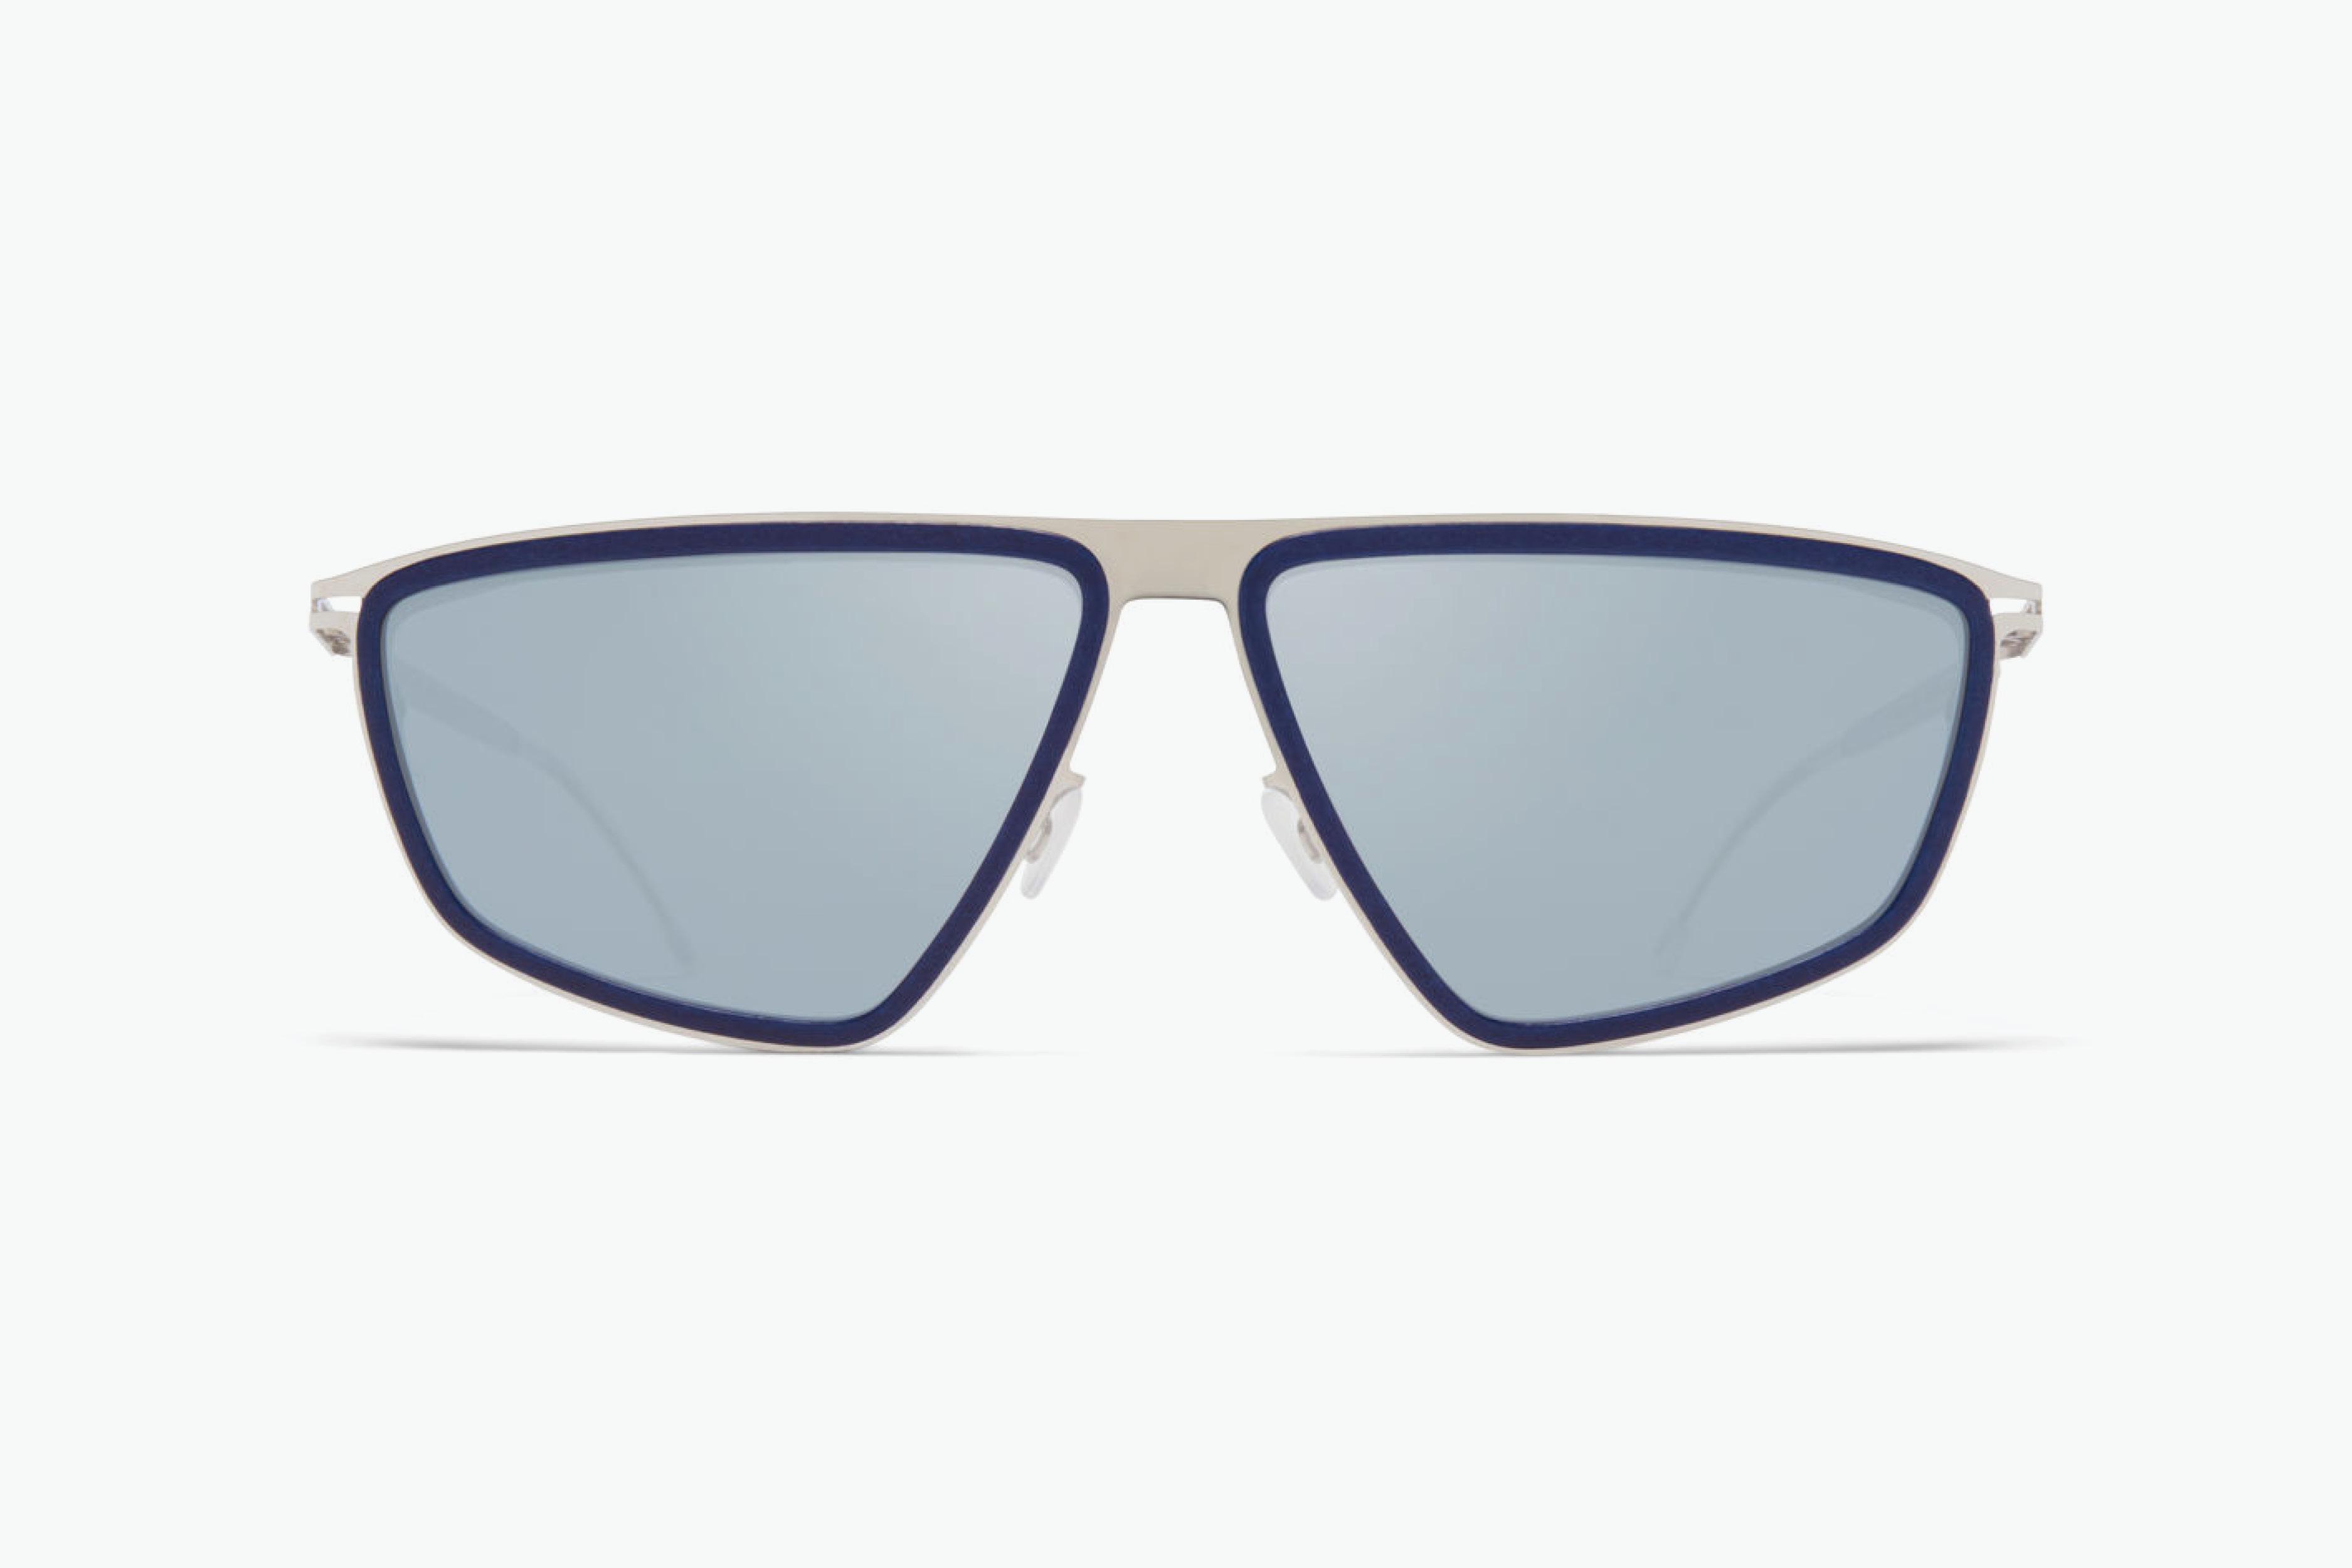 cerca le ultime vendita ufficiale stile attraente MYKITA | HANDCRAFTED DESIGNER PRESCRIPTION GLASSES & SUNGLASSES